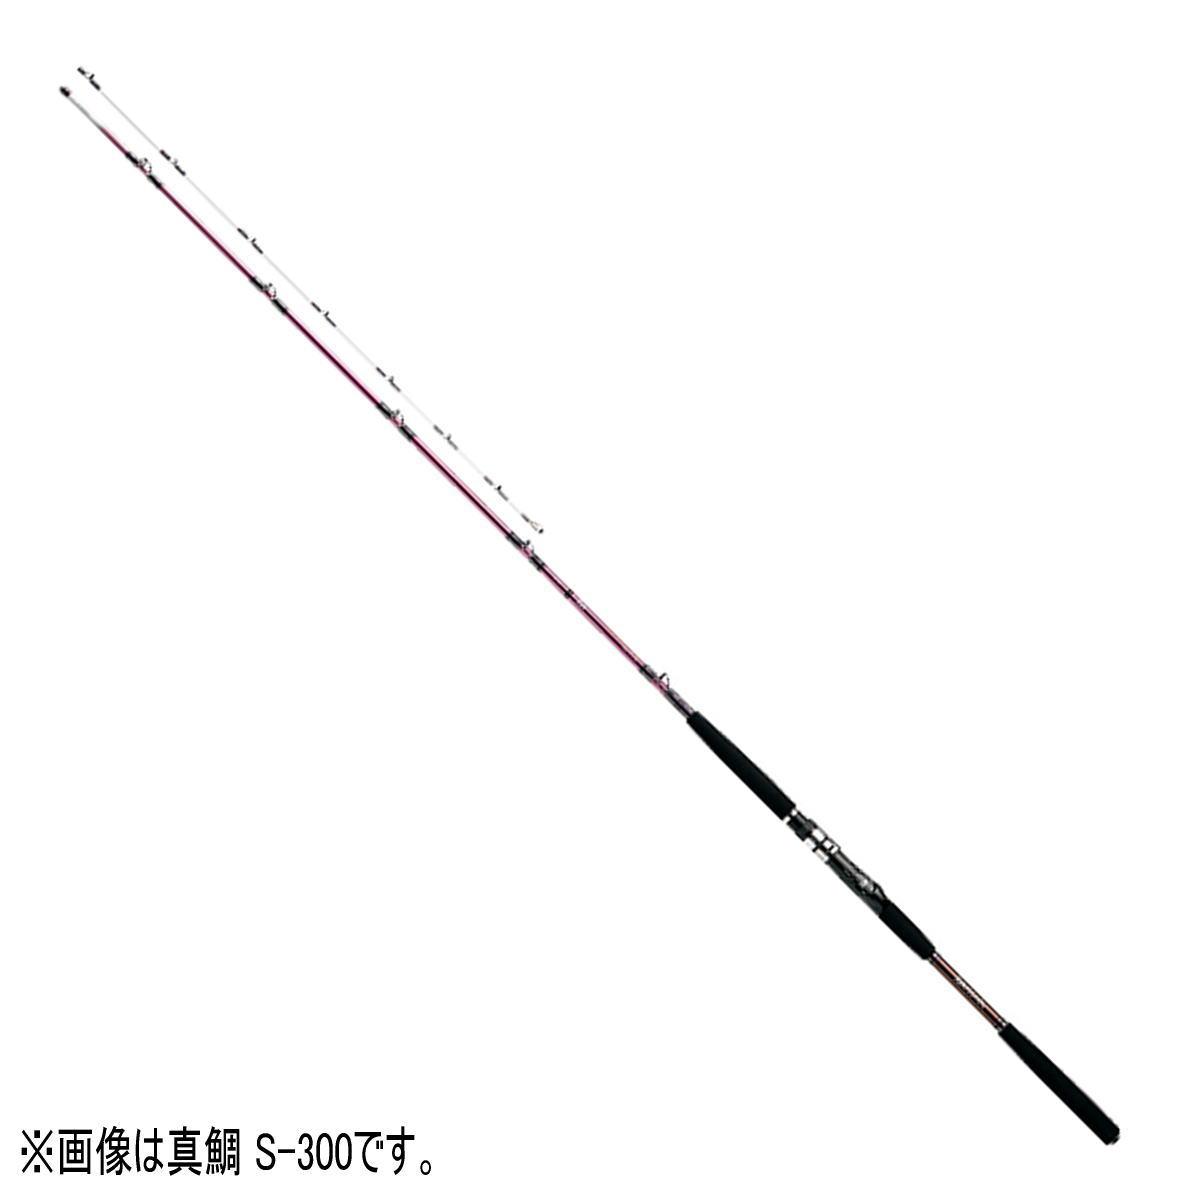 ダイワ ロッド リーオマスター SX 真鯛 S-300 【6】【※大型商品の為同梱不可】